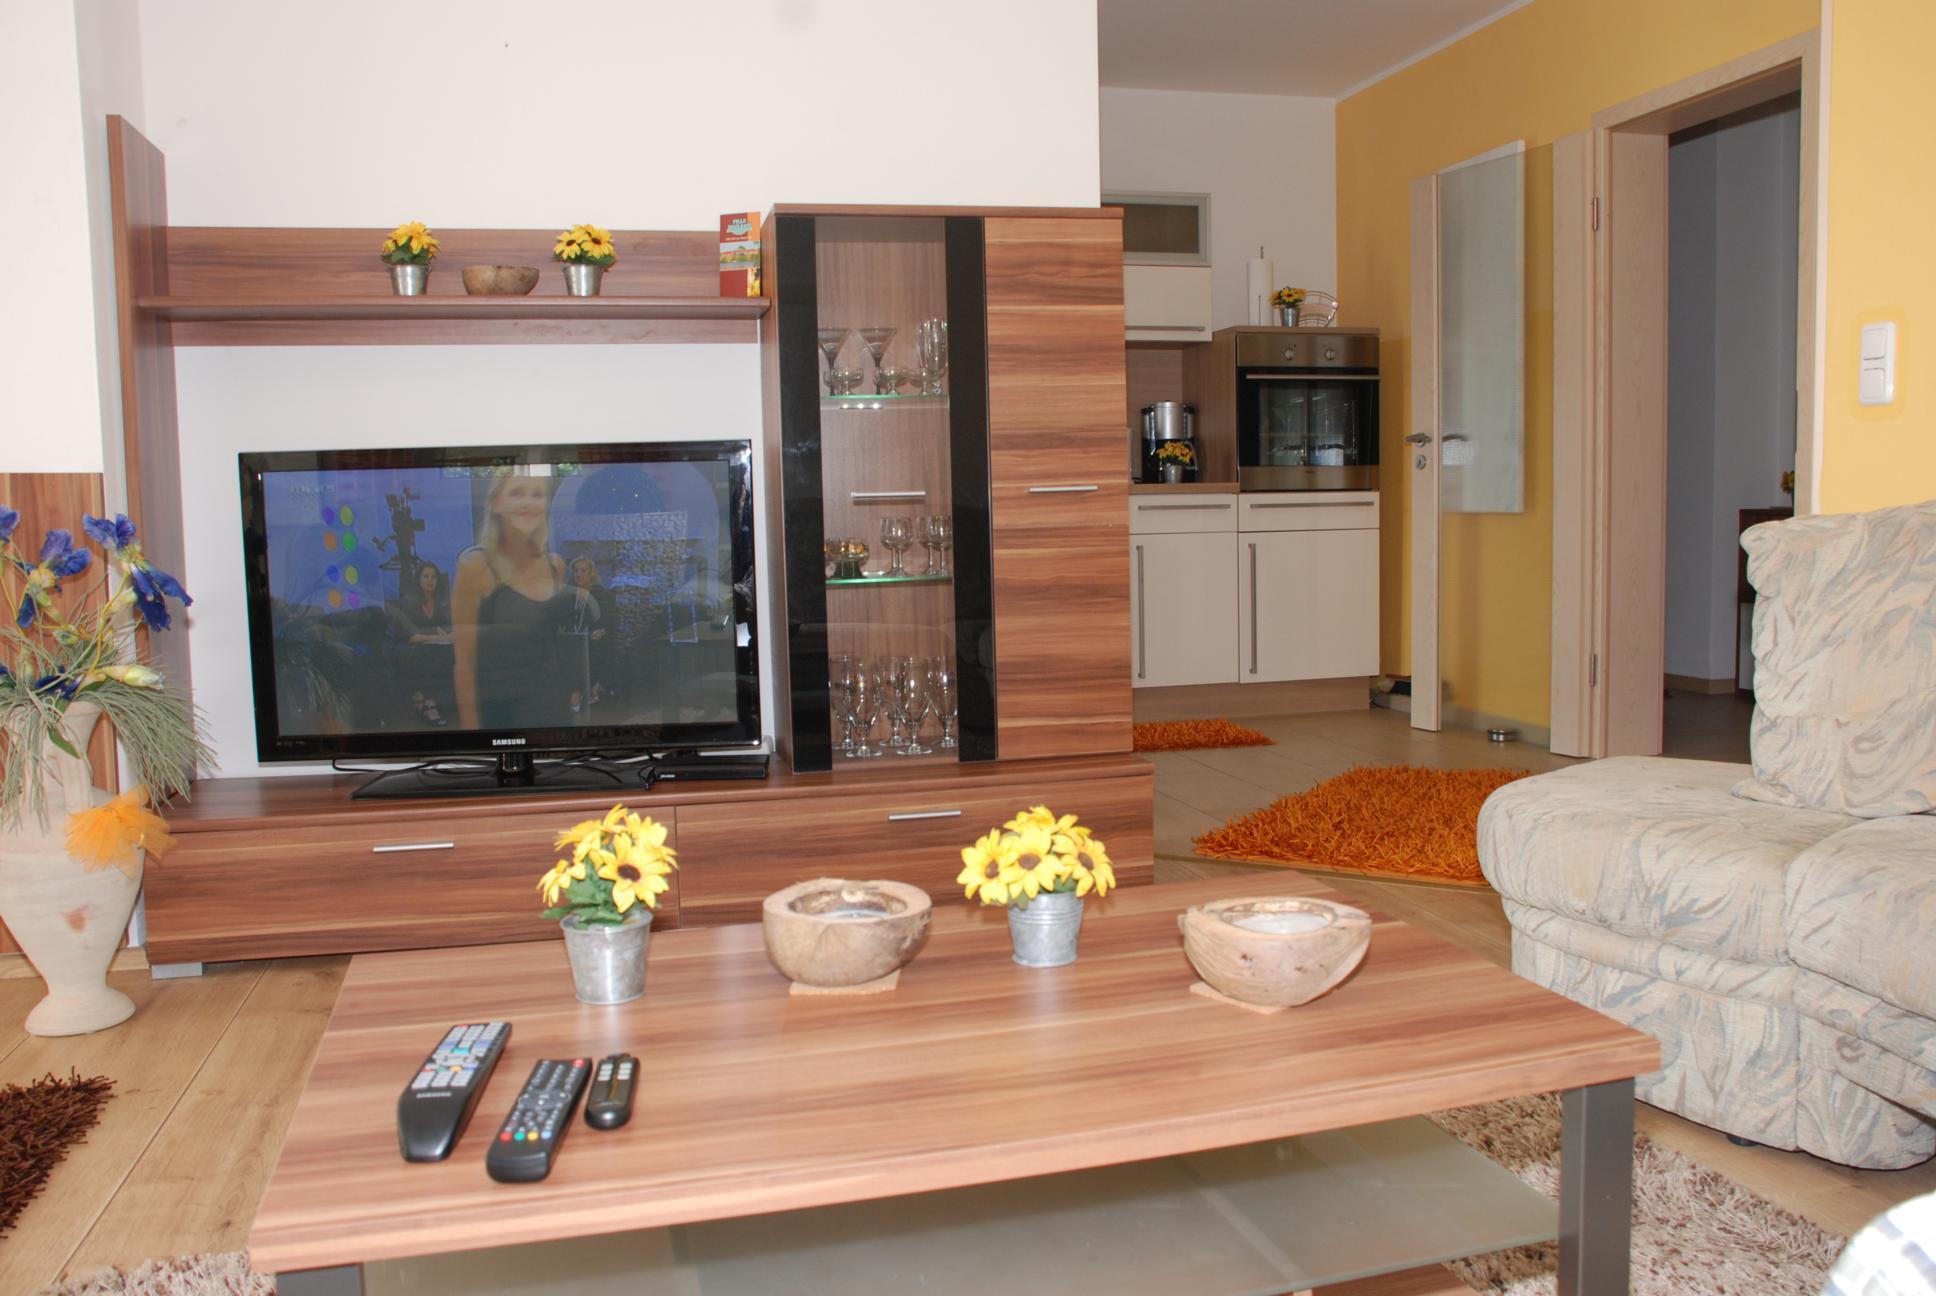 preise reiger ferienwohnungen. Black Bedroom Furniture Sets. Home Design Ideas